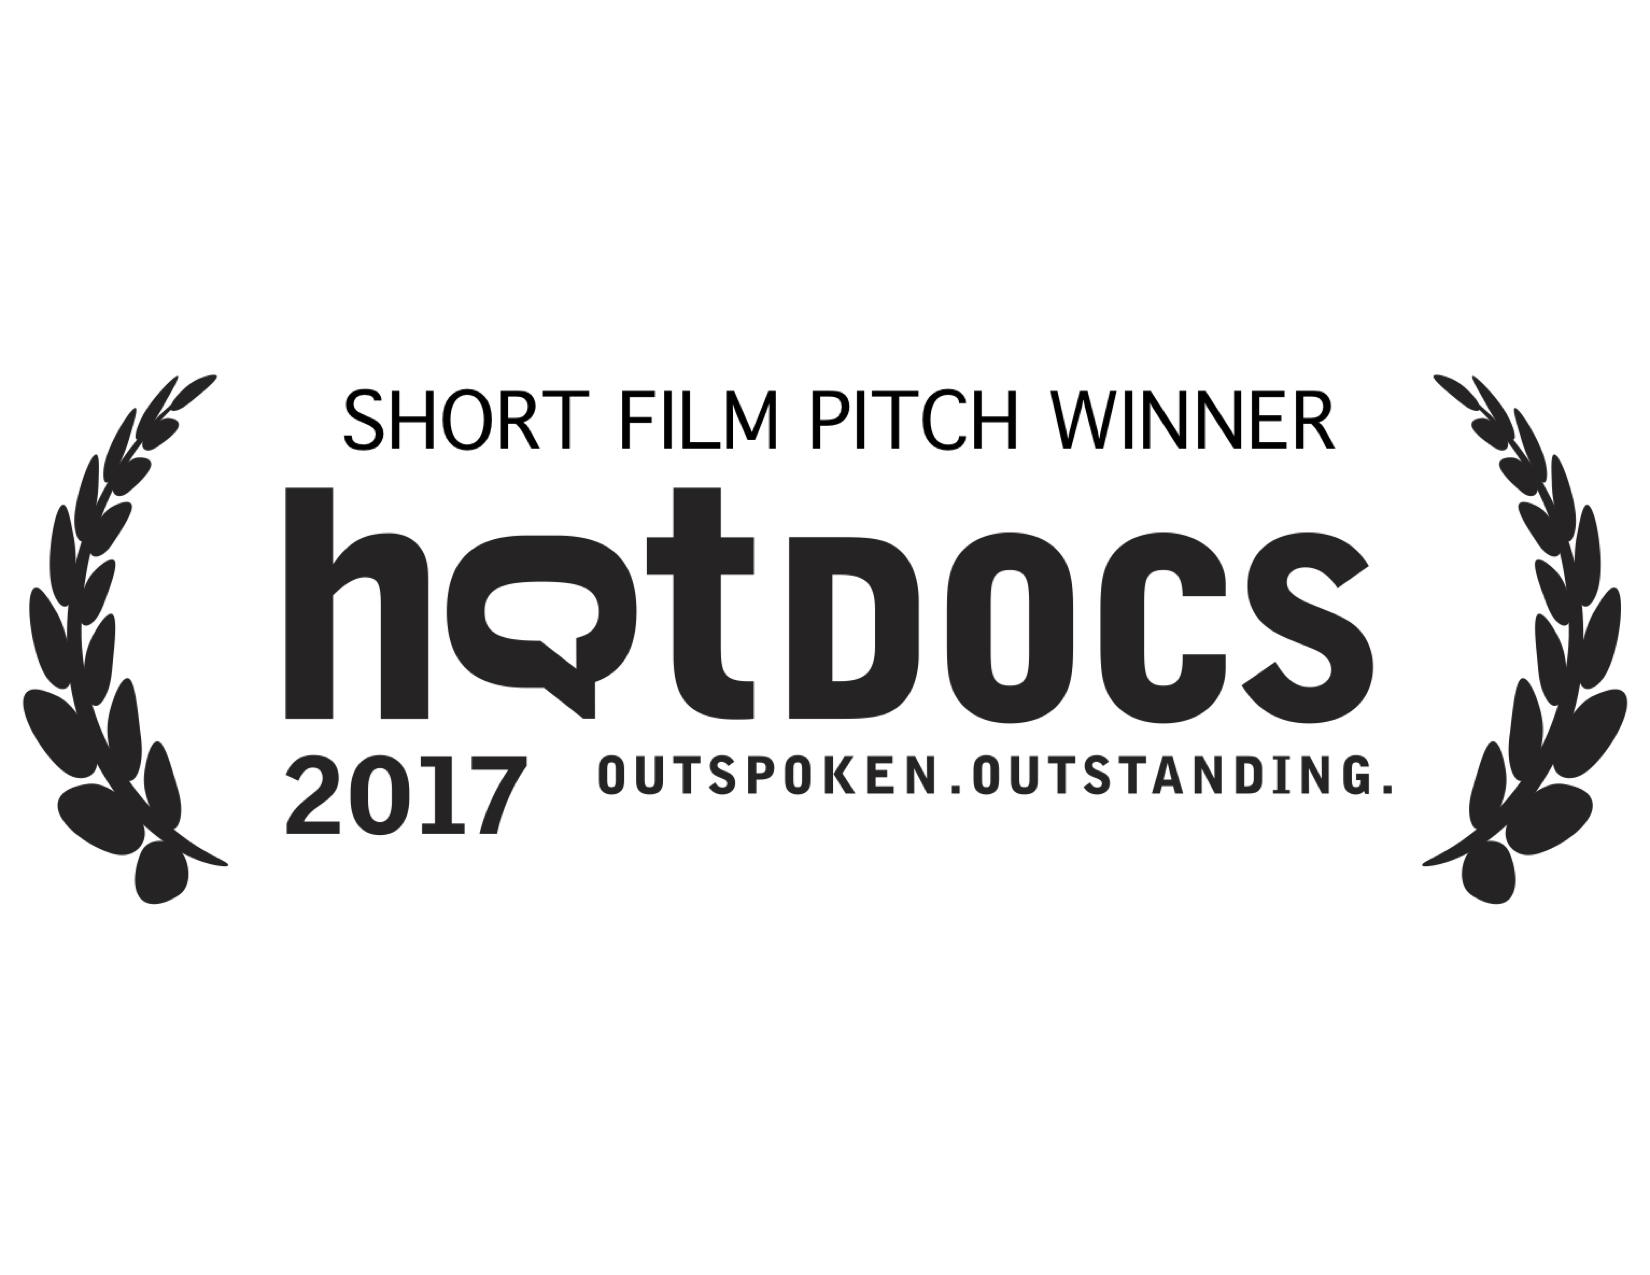 hotdocs short film.png